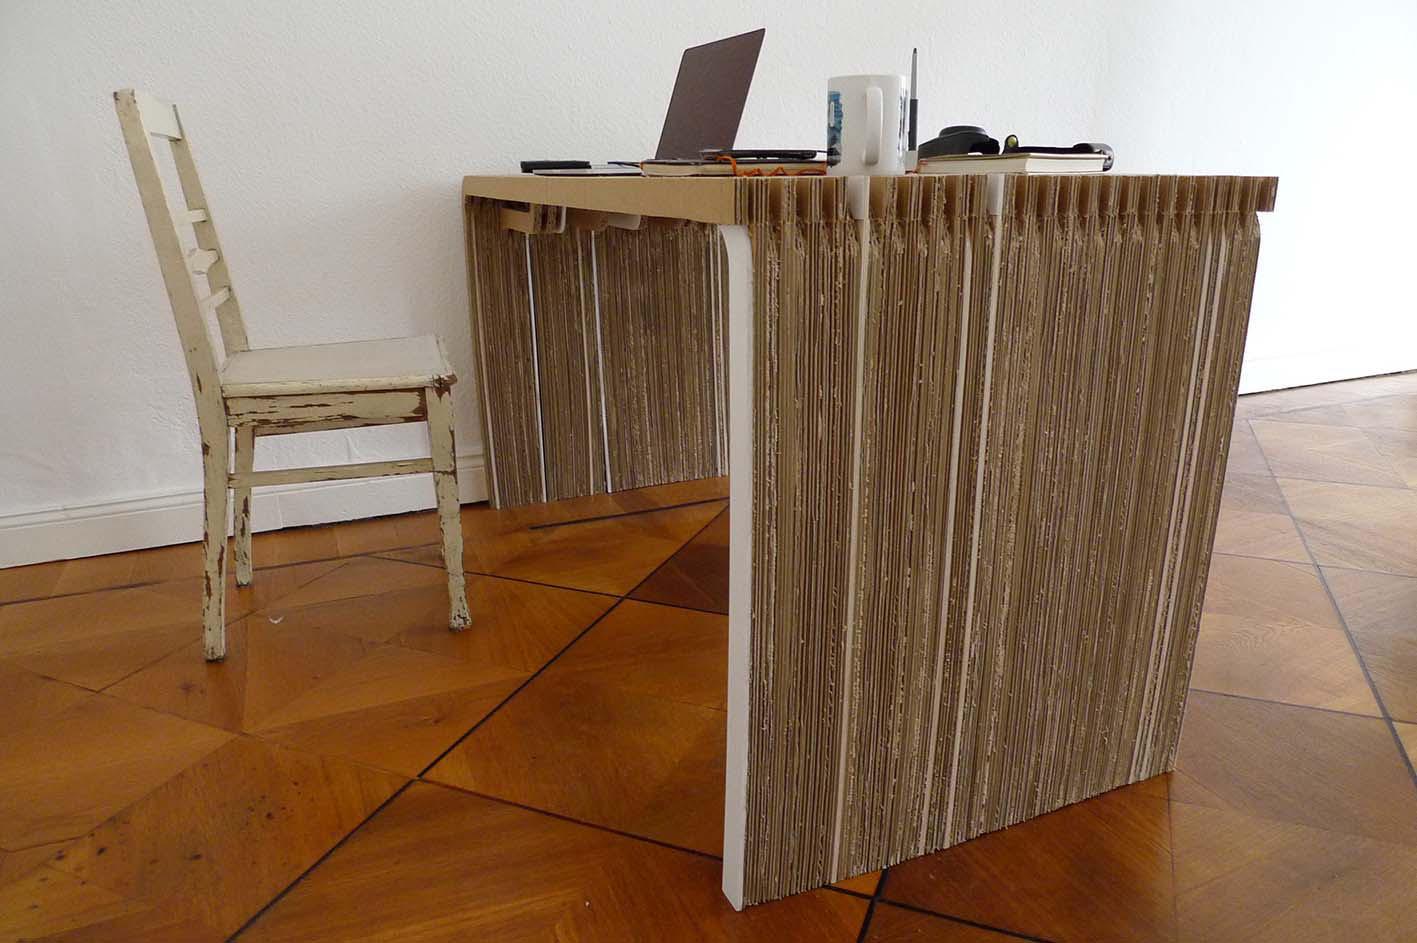 papertable_boriskajmak03